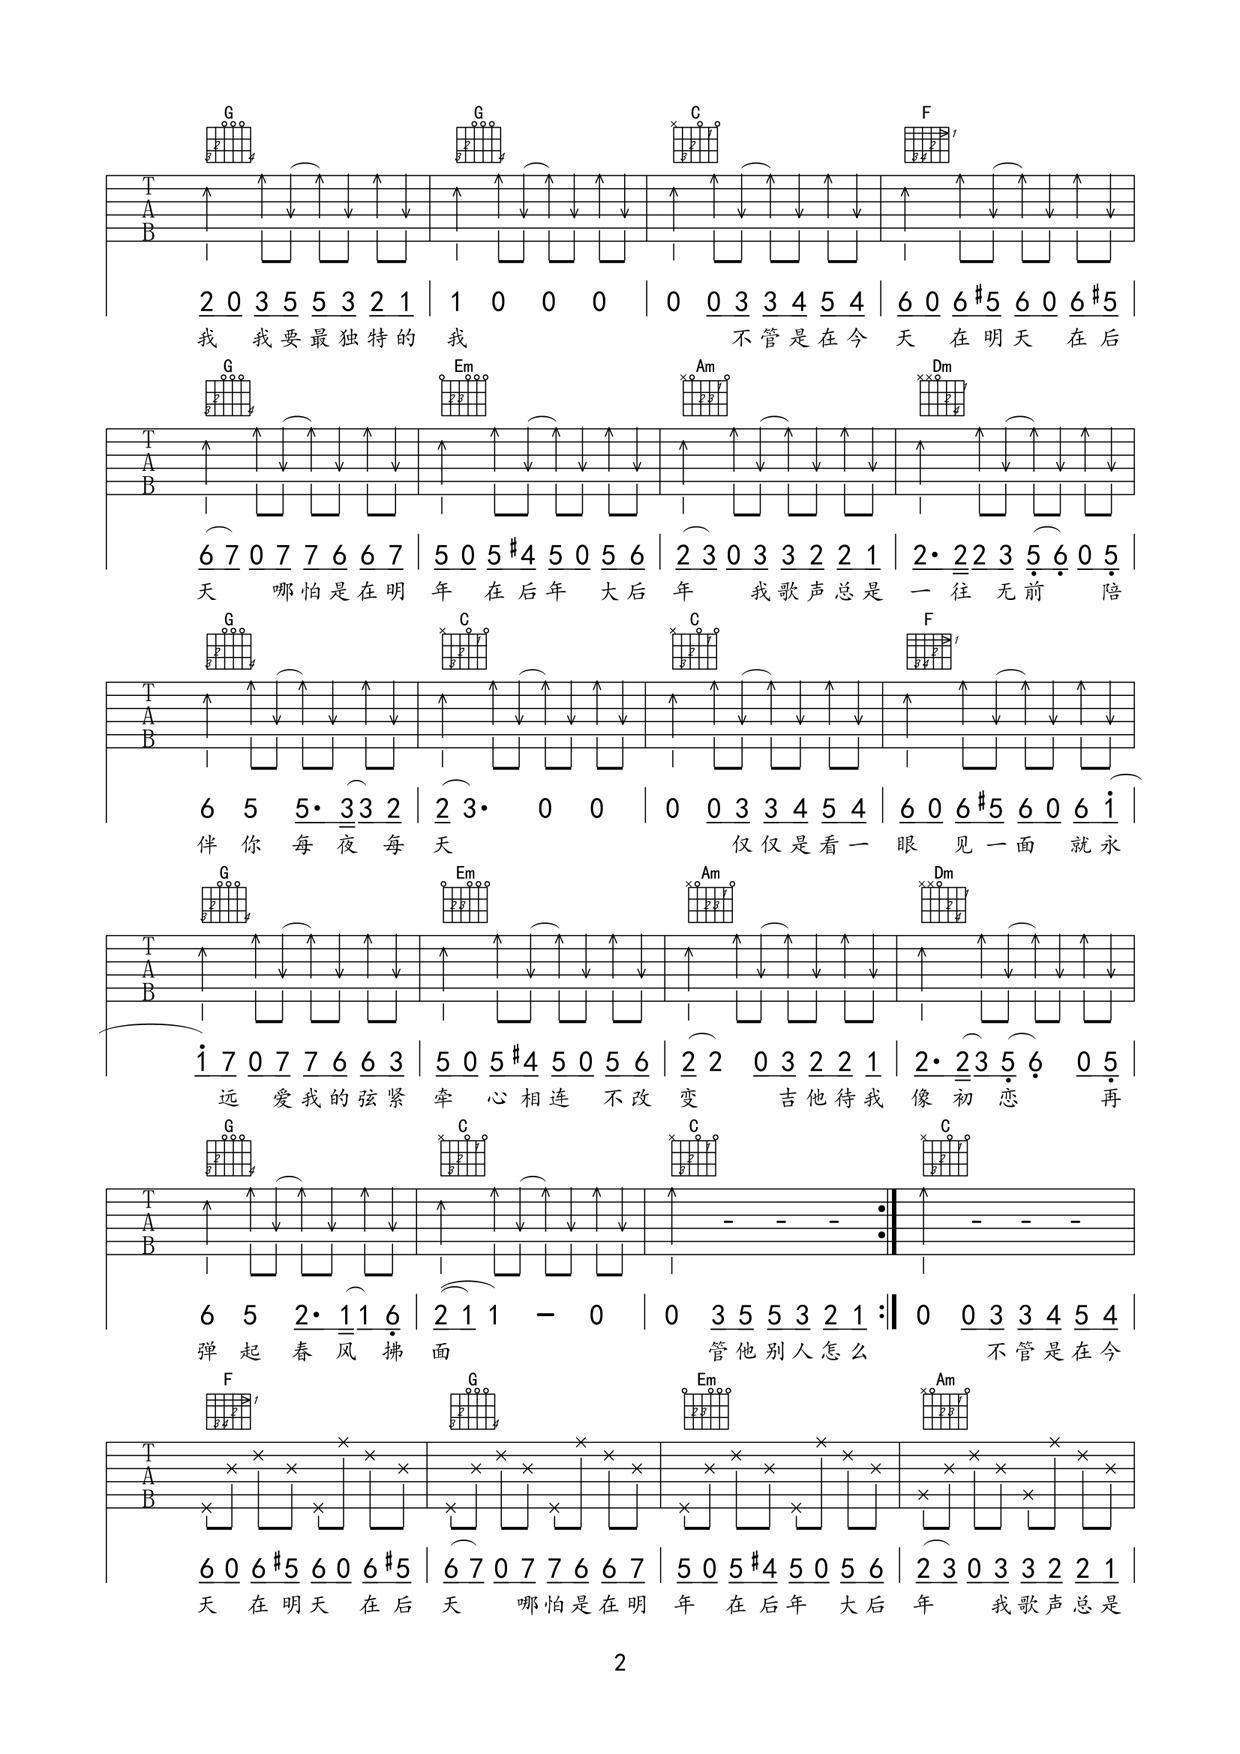 吉他初恋(简单版弹唱谱)吉他谱(图片谱,弹唱,伴奏,改编版)_刘大壮_吉他初恋2.jpg